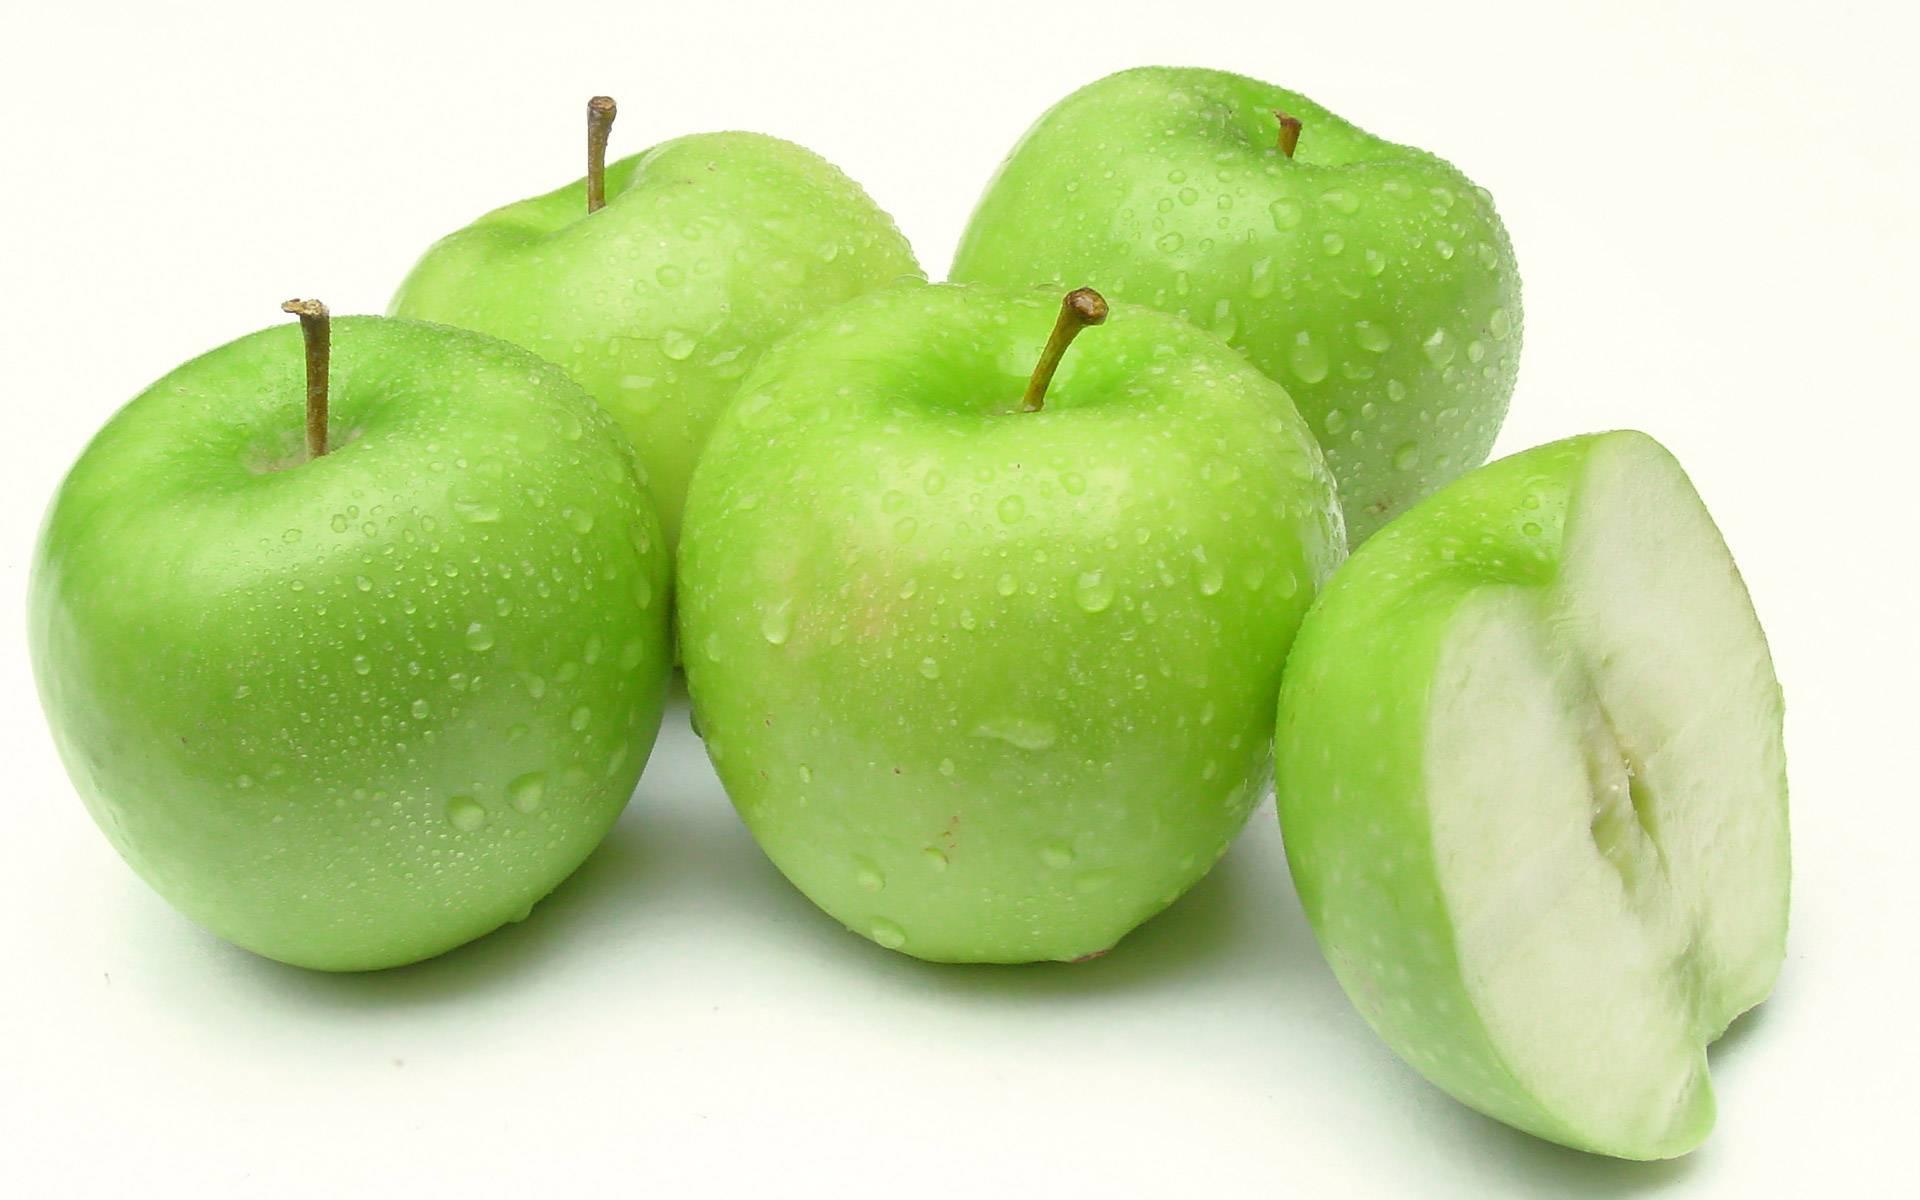 فواید سیب برای سلامتی بدن